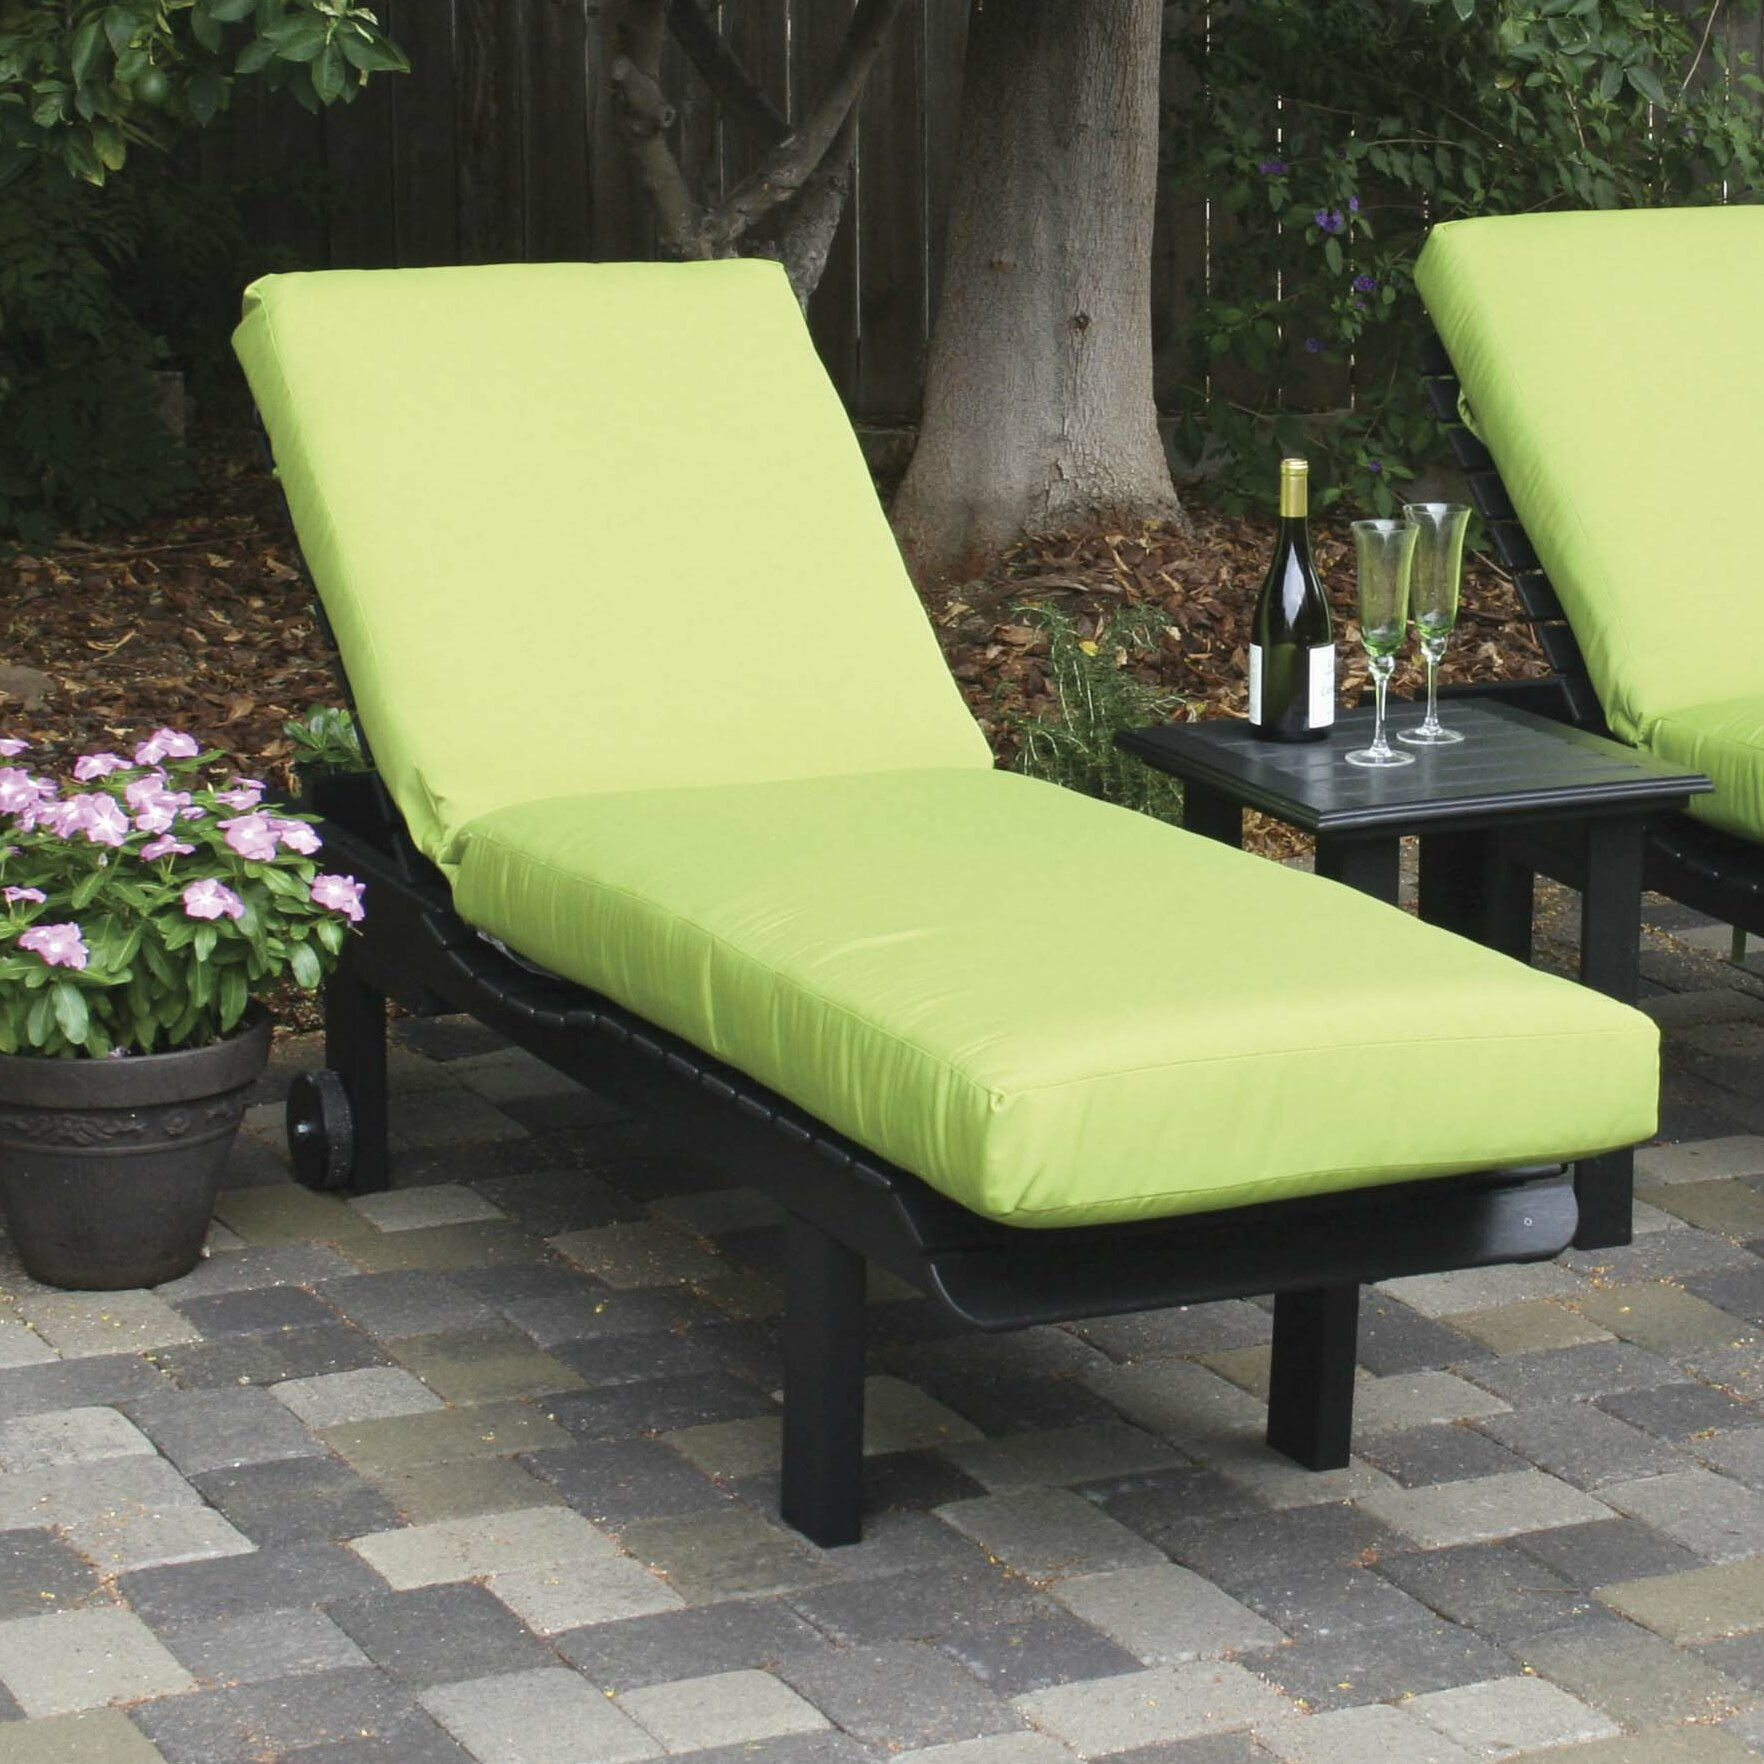 Eagle e Smithton Glider Outdoor Sunbrella Bench Cushion